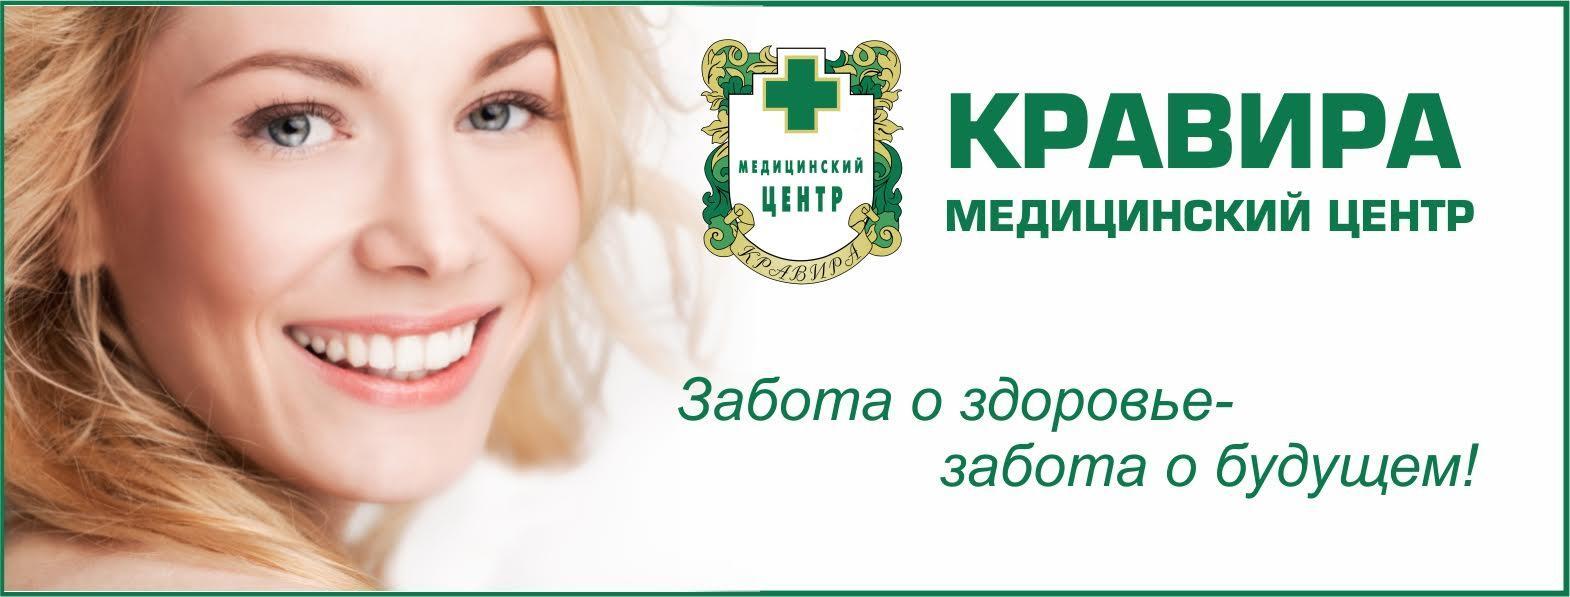 """Скидка 30% в Медицинском центре """"Кравира""""!"""